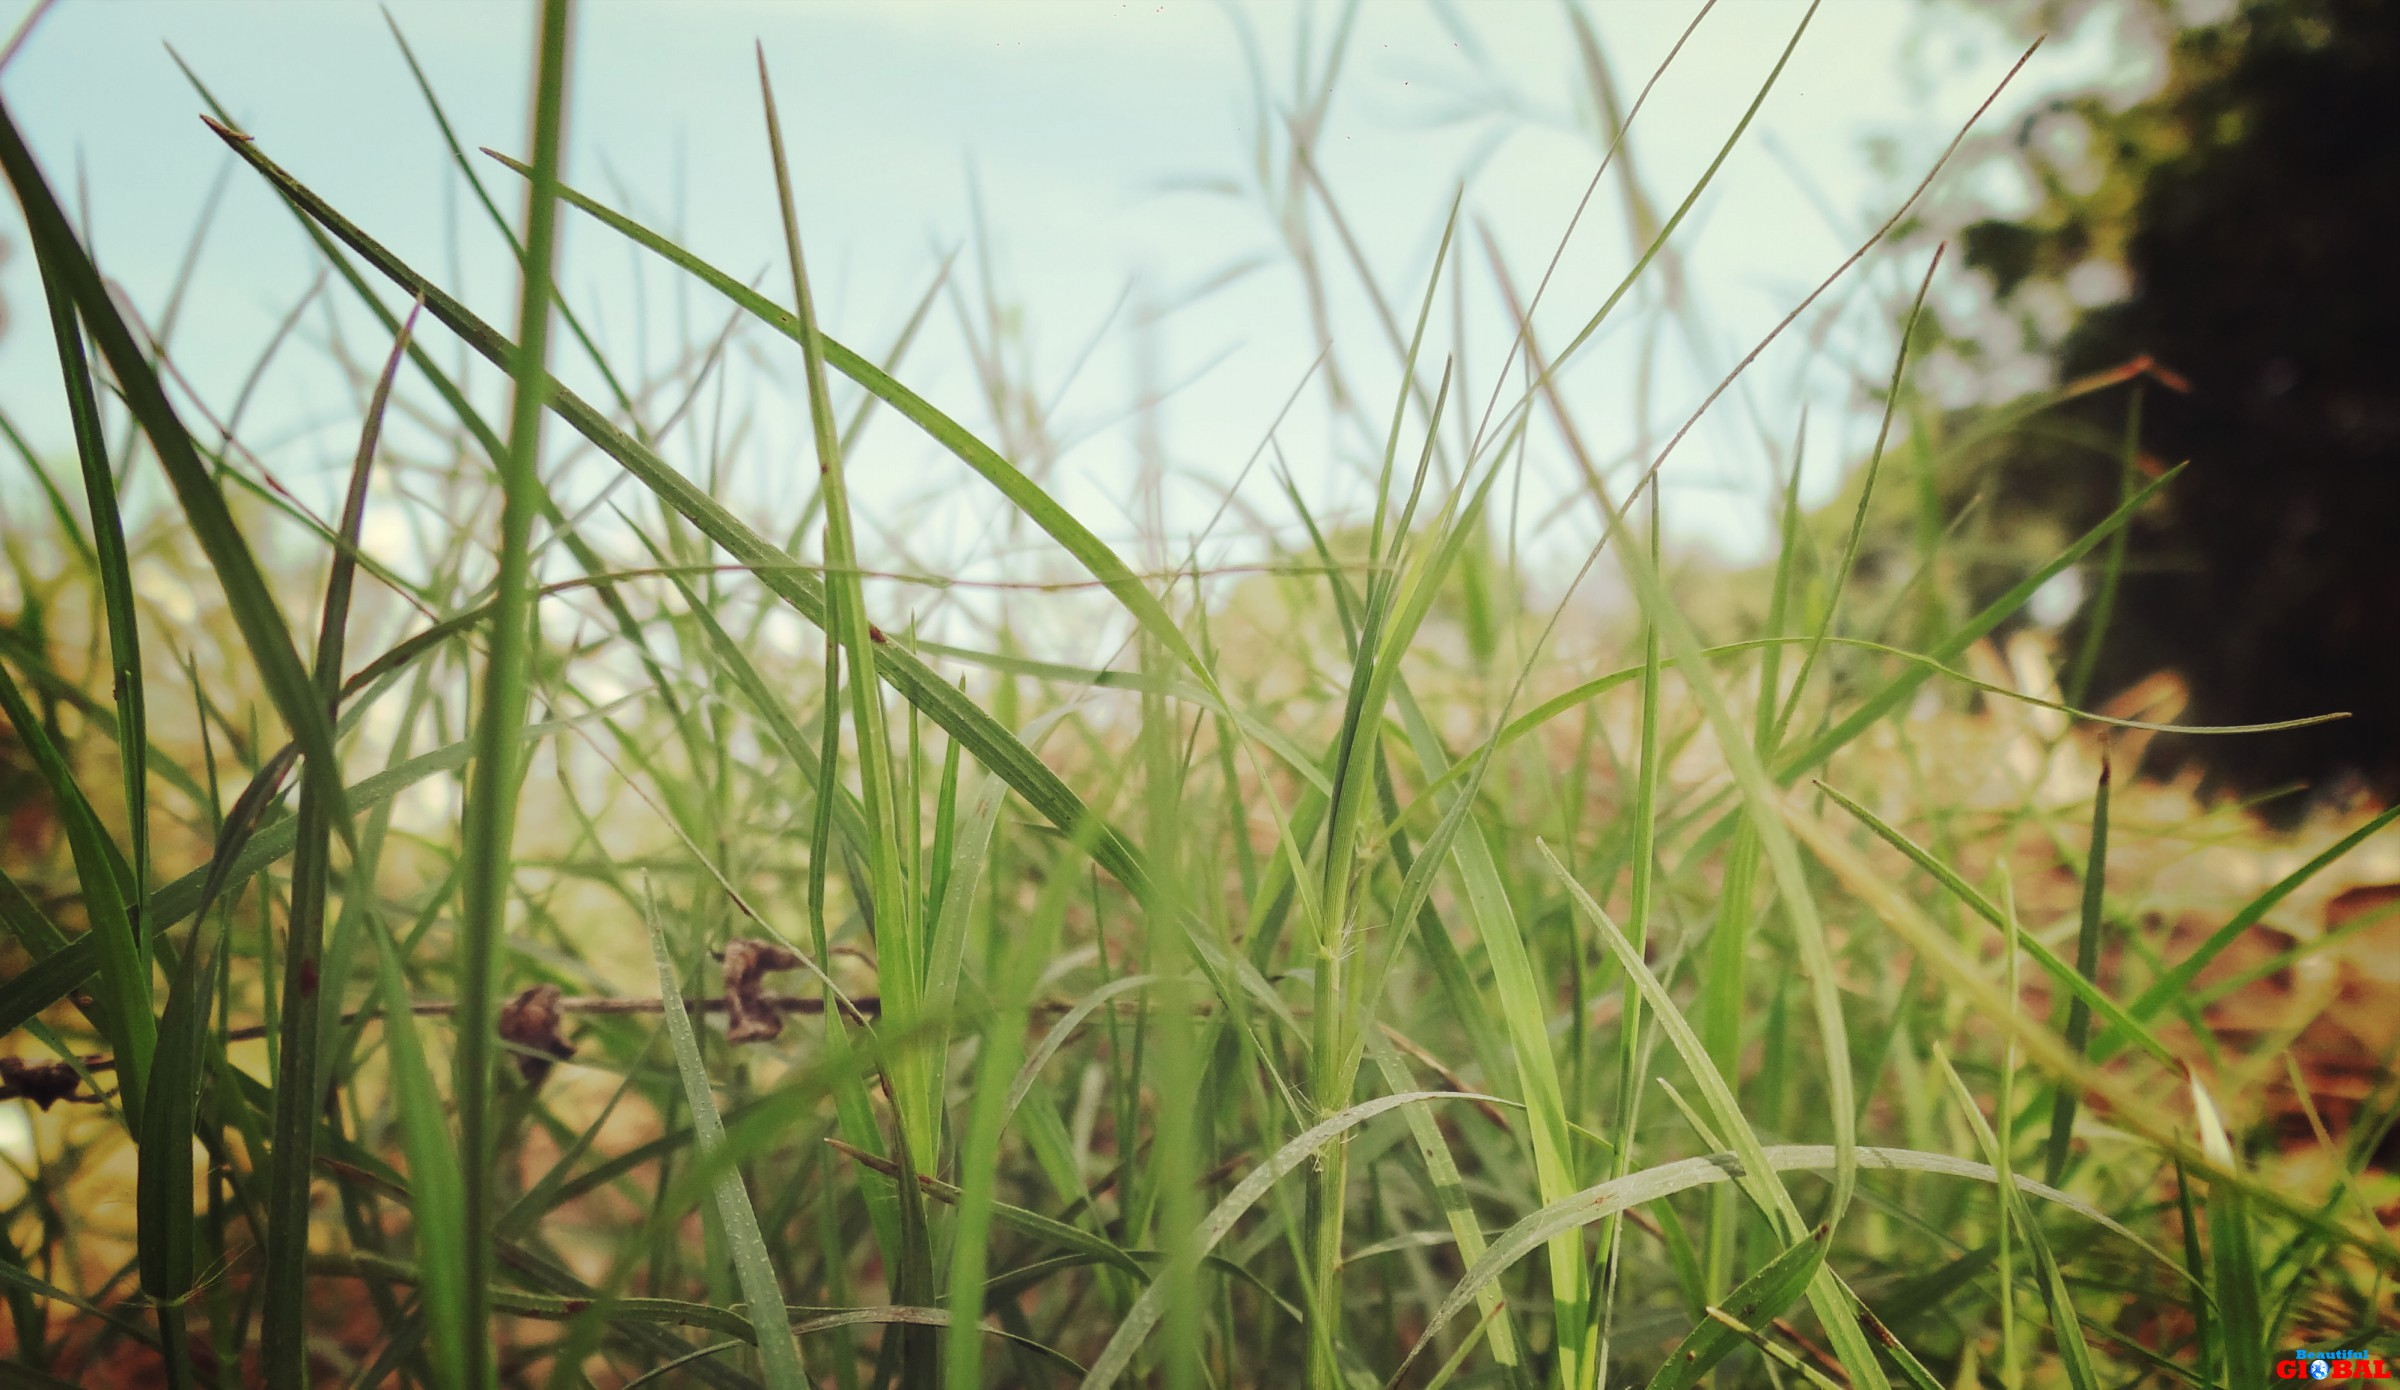 Hd wallpaper nature green - Beautiful Green Grass Hd Wallpapers Grass Green